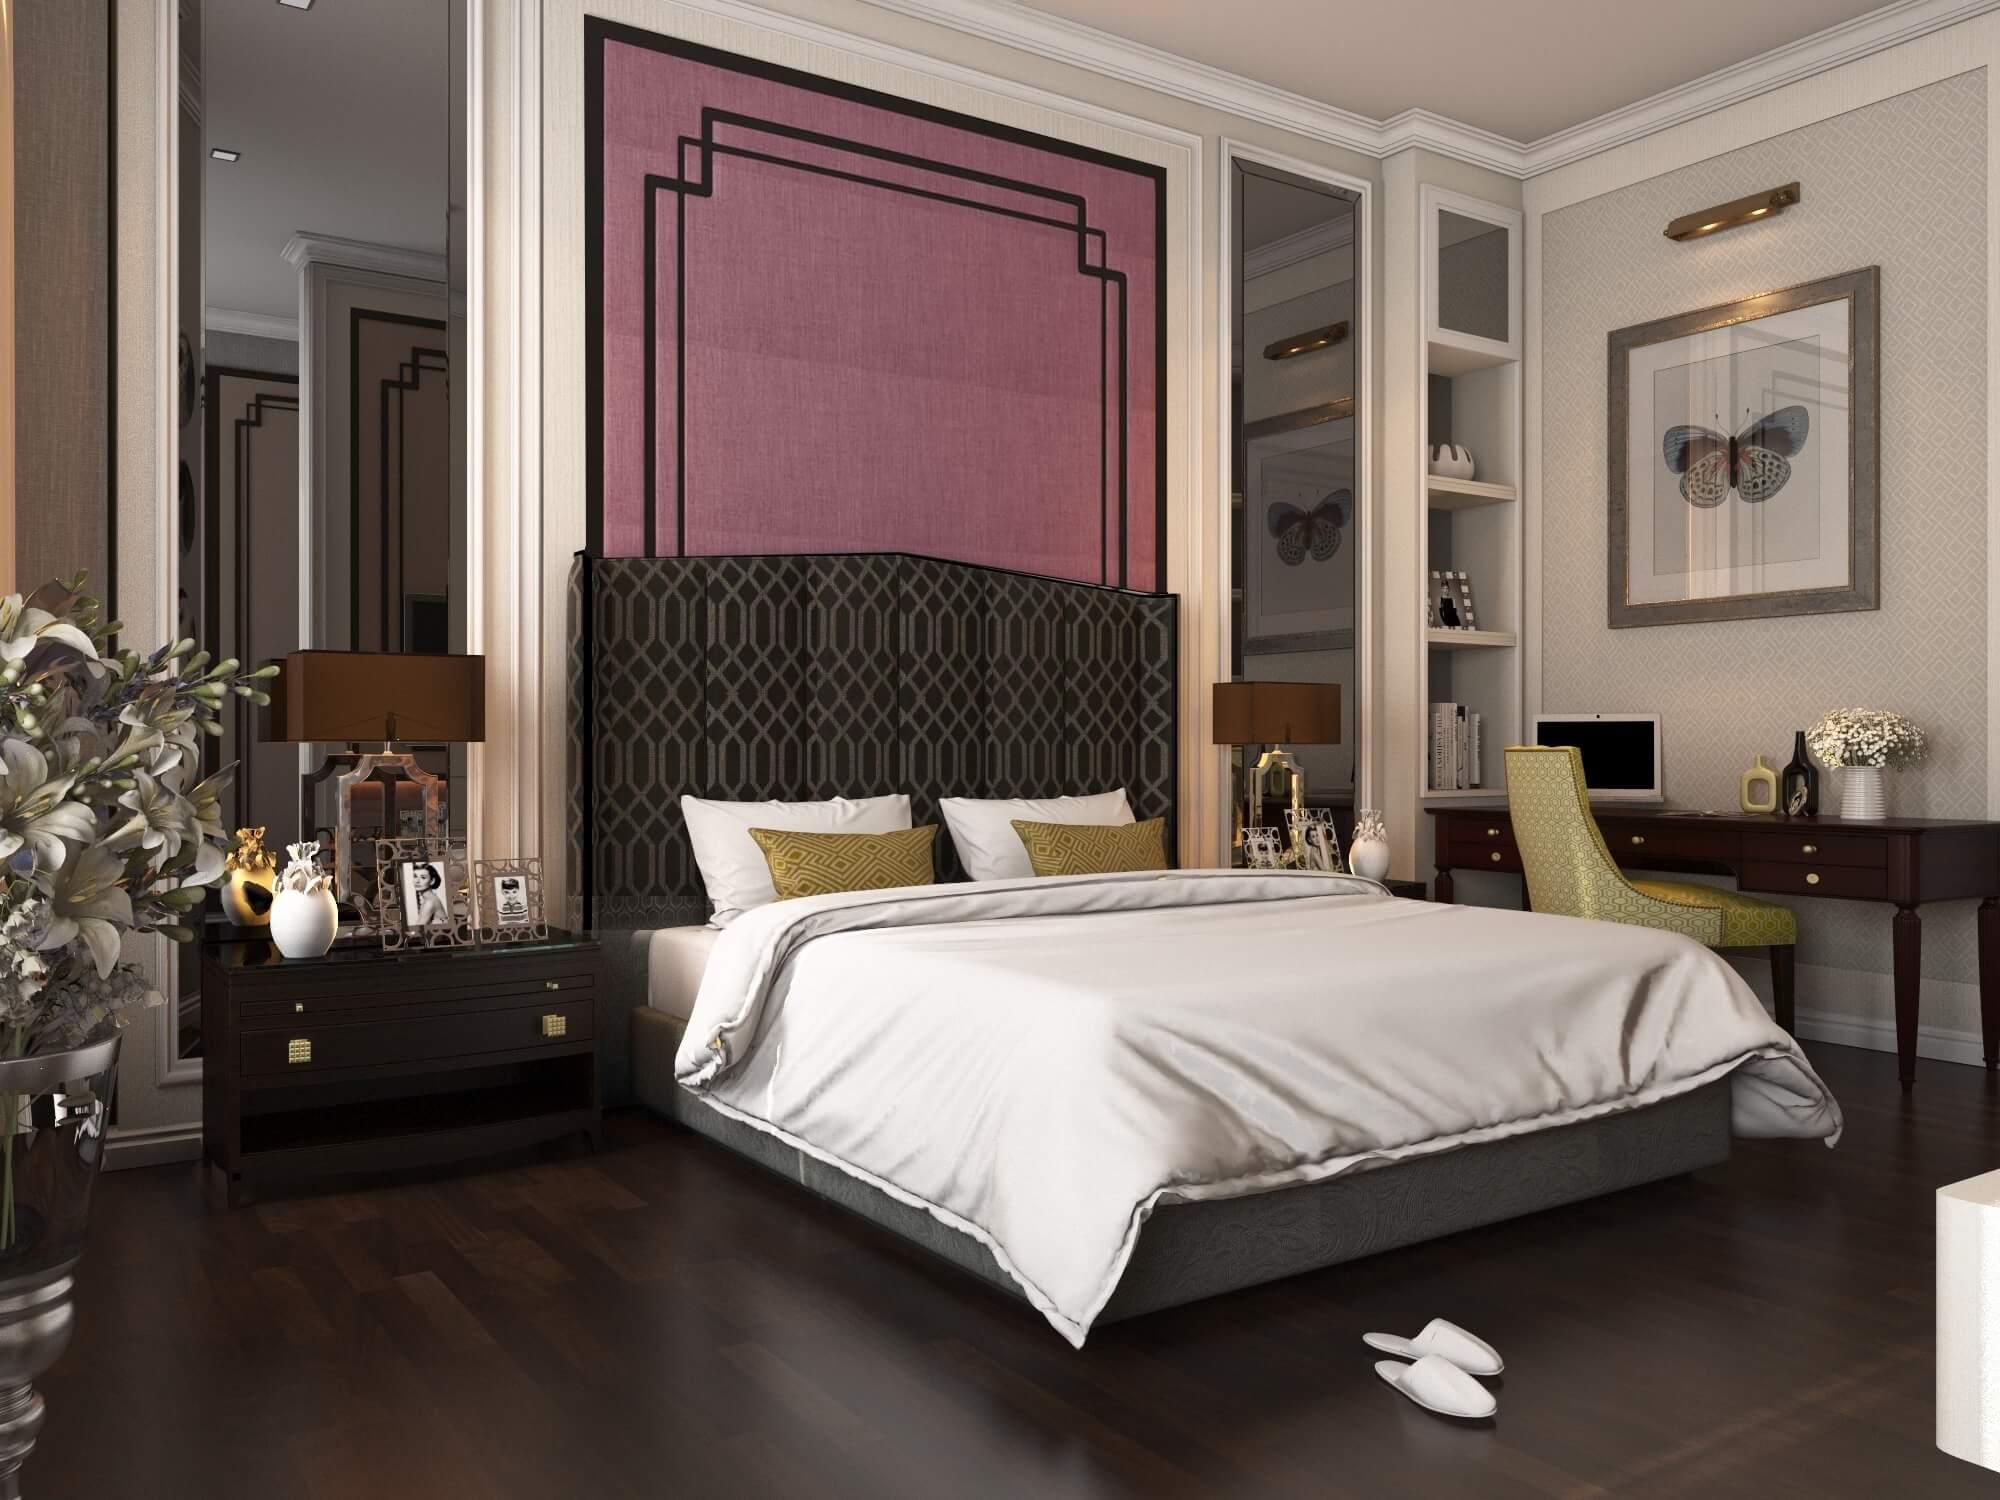 ออกแบบตกแต่งภายใน ตกแต่งภายใน ออกแบบภายใน บริษัทออกแบบภายใน interior Bareo รับออกแบบตกแต่งภายใน รับออกแบบตกแต่ง เฟอร์นิเจอร์ Build in ห้องนอน